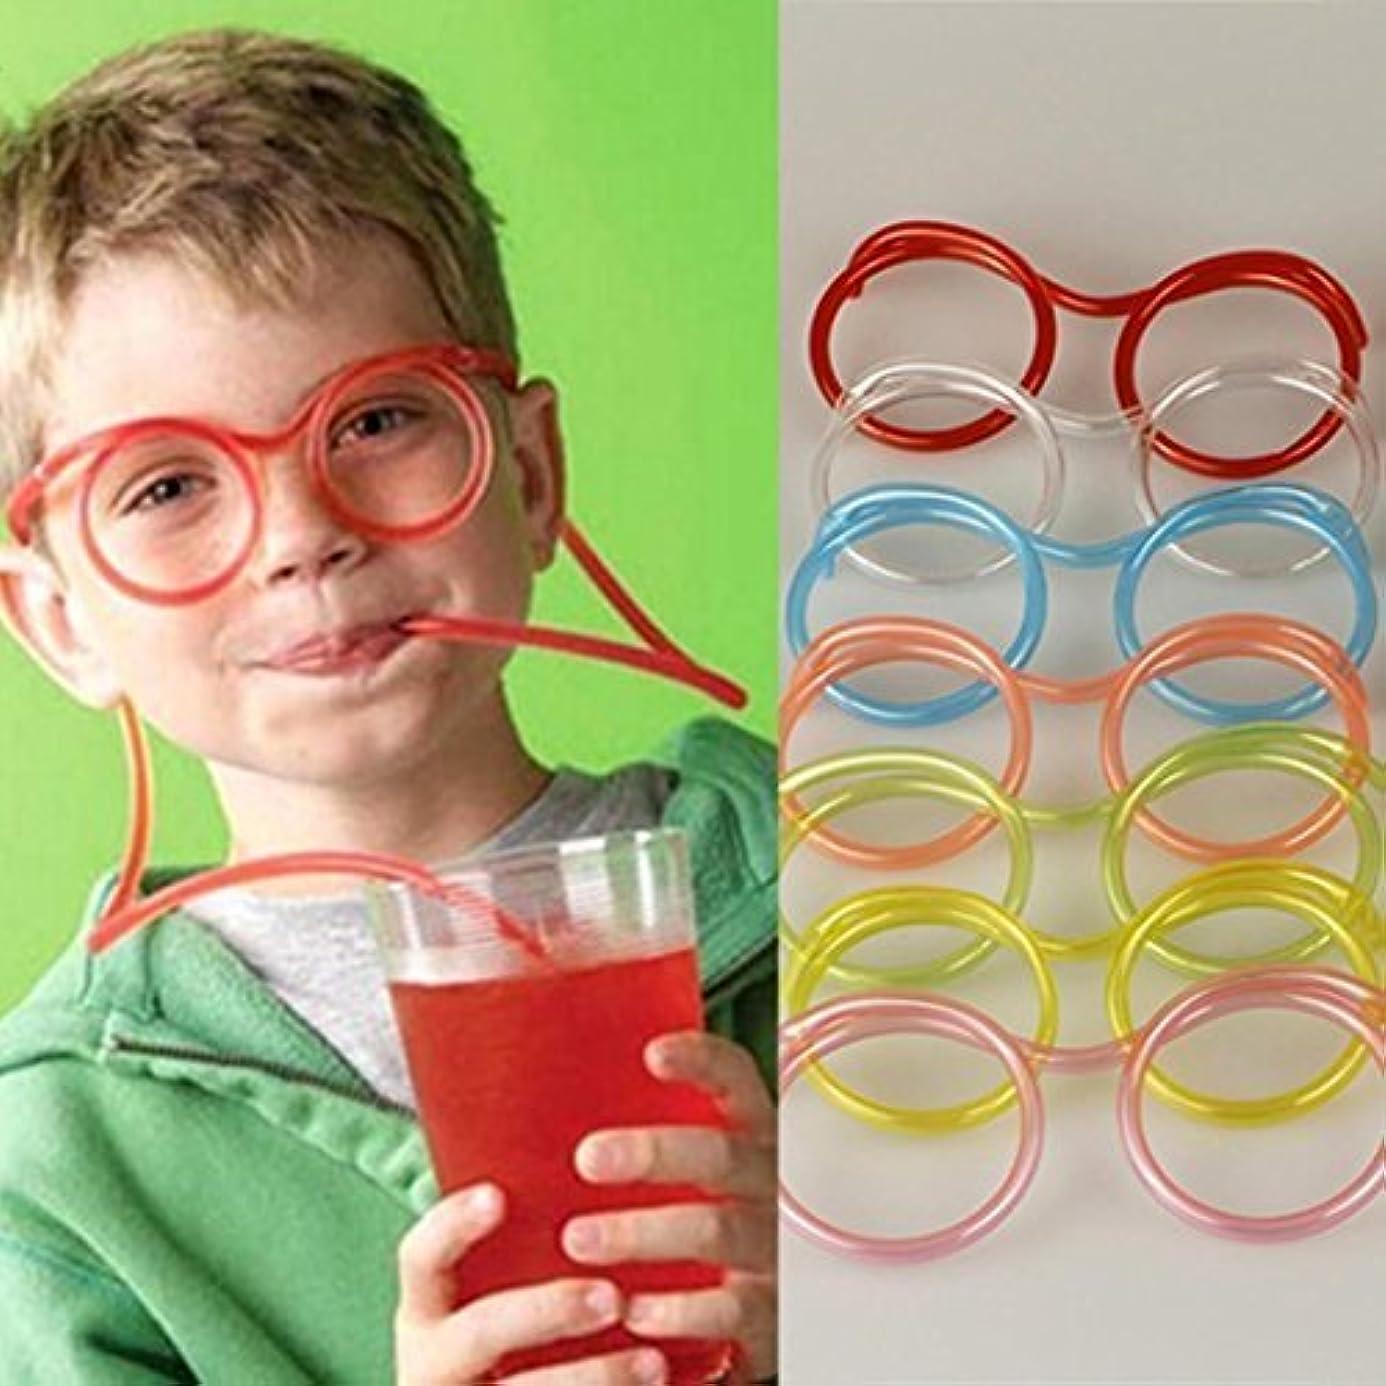 技術者全国狂気子供の狂った管の柔軟なギフトパーティーストロー楽しい目新しさを飲んでガラスの供給